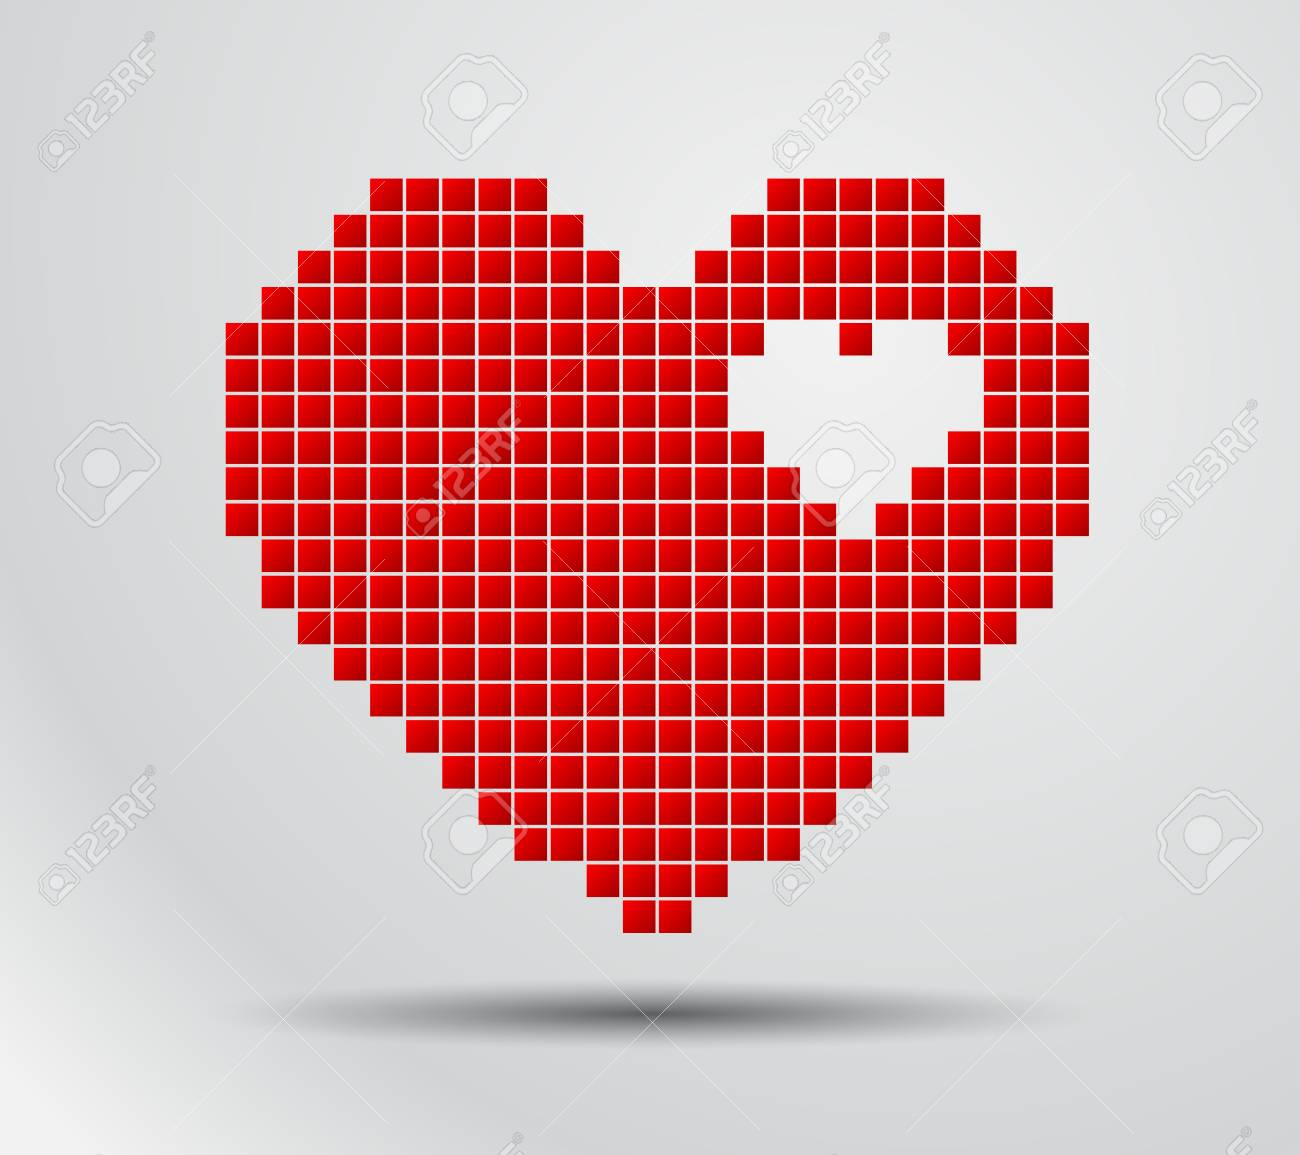 Pixel De Coeur Icone Numerique De Vecteur Pour Le Design Clip Art Libres De Droits Vecteurs Et Illustration Image 88881047